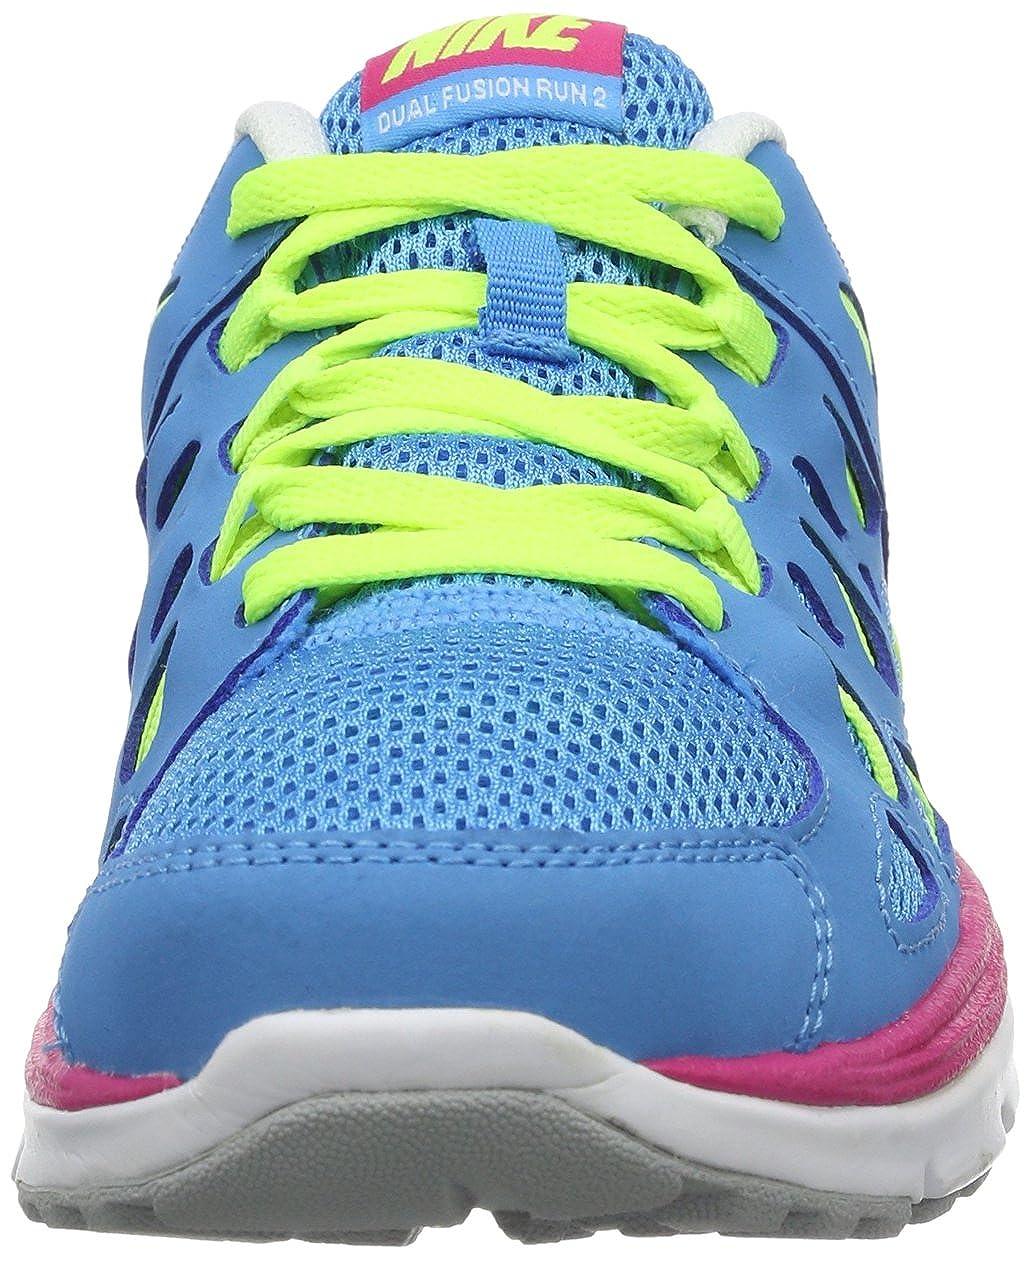 Running Shoes GS Nike Kids Dual Fusion Run 2